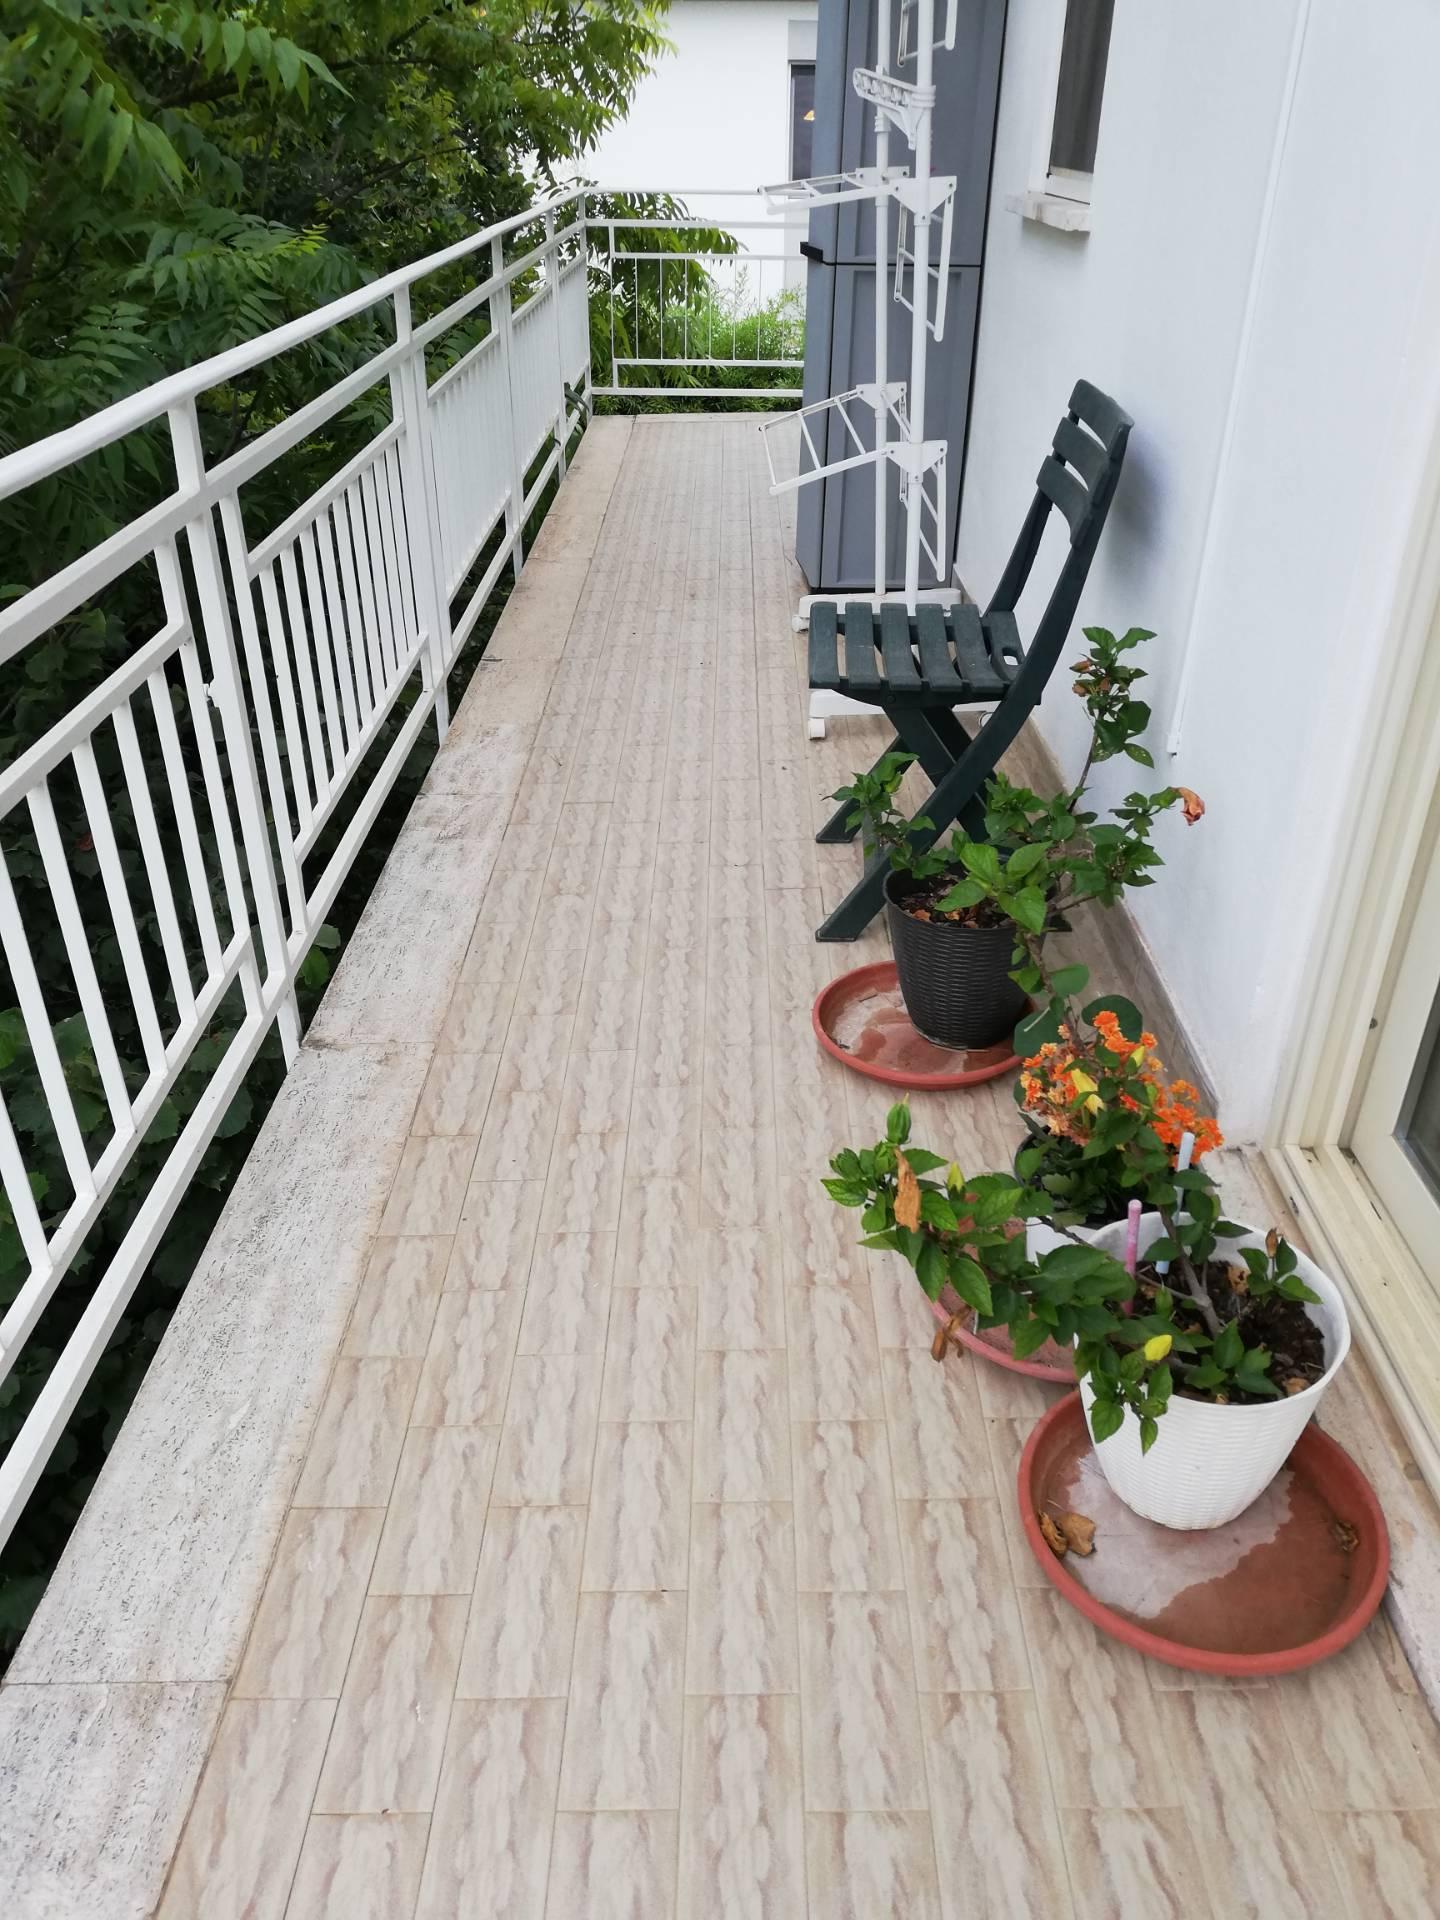 Appartamento in affitto a Pisa, 3 locali, zona Zona: Tirrenia, prezzo € 1.000 | CambioCasa.it